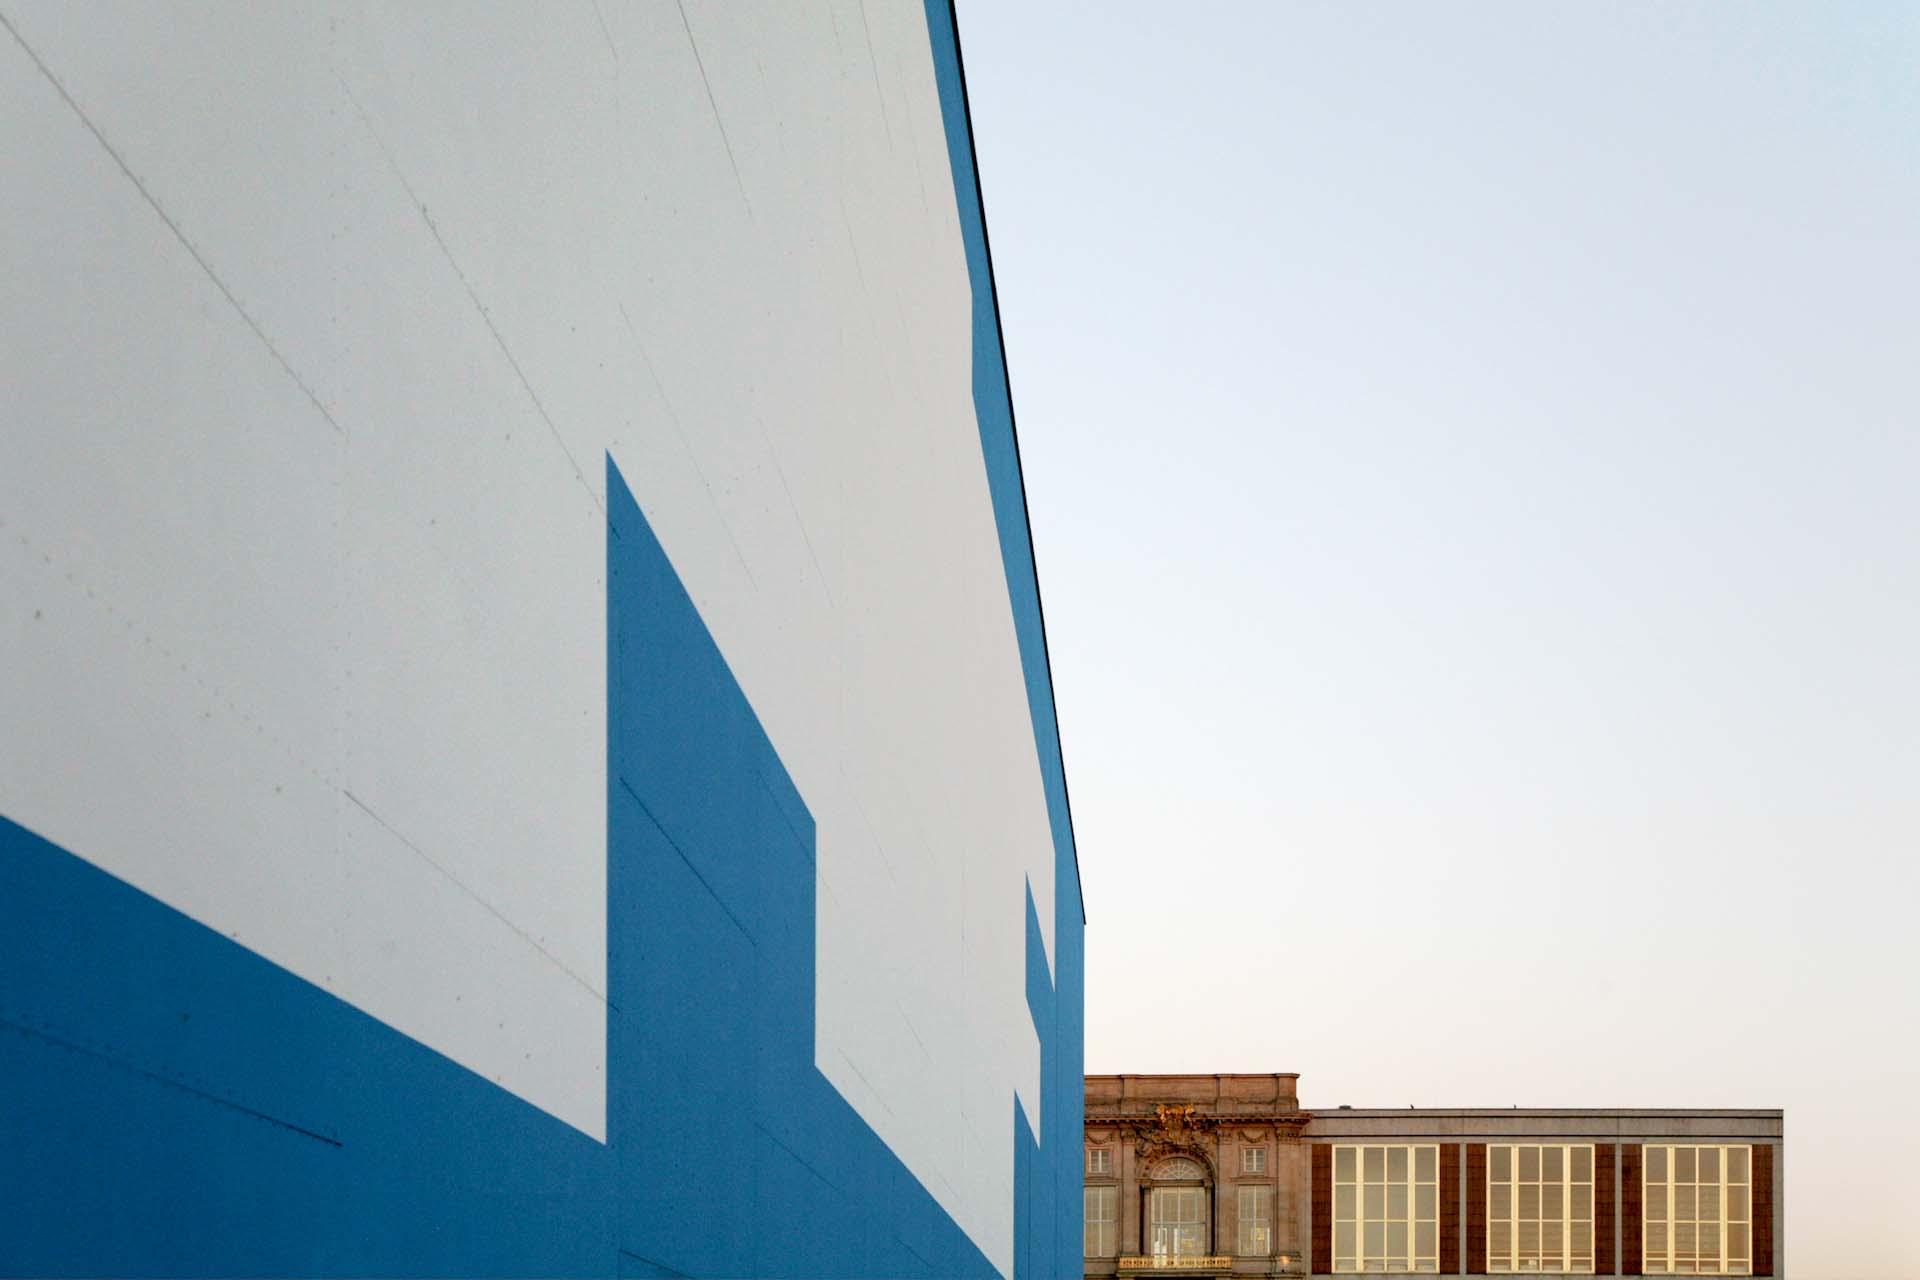 Die temporäre Kunsthalle von Adolf Krischanitz (2008) mit der Fassadengestaltung von Gerwald Rockenschaub in Berlin-Mitte und das gegenüberliegende, ehemalige, Staatsratsgebäude der DDR.